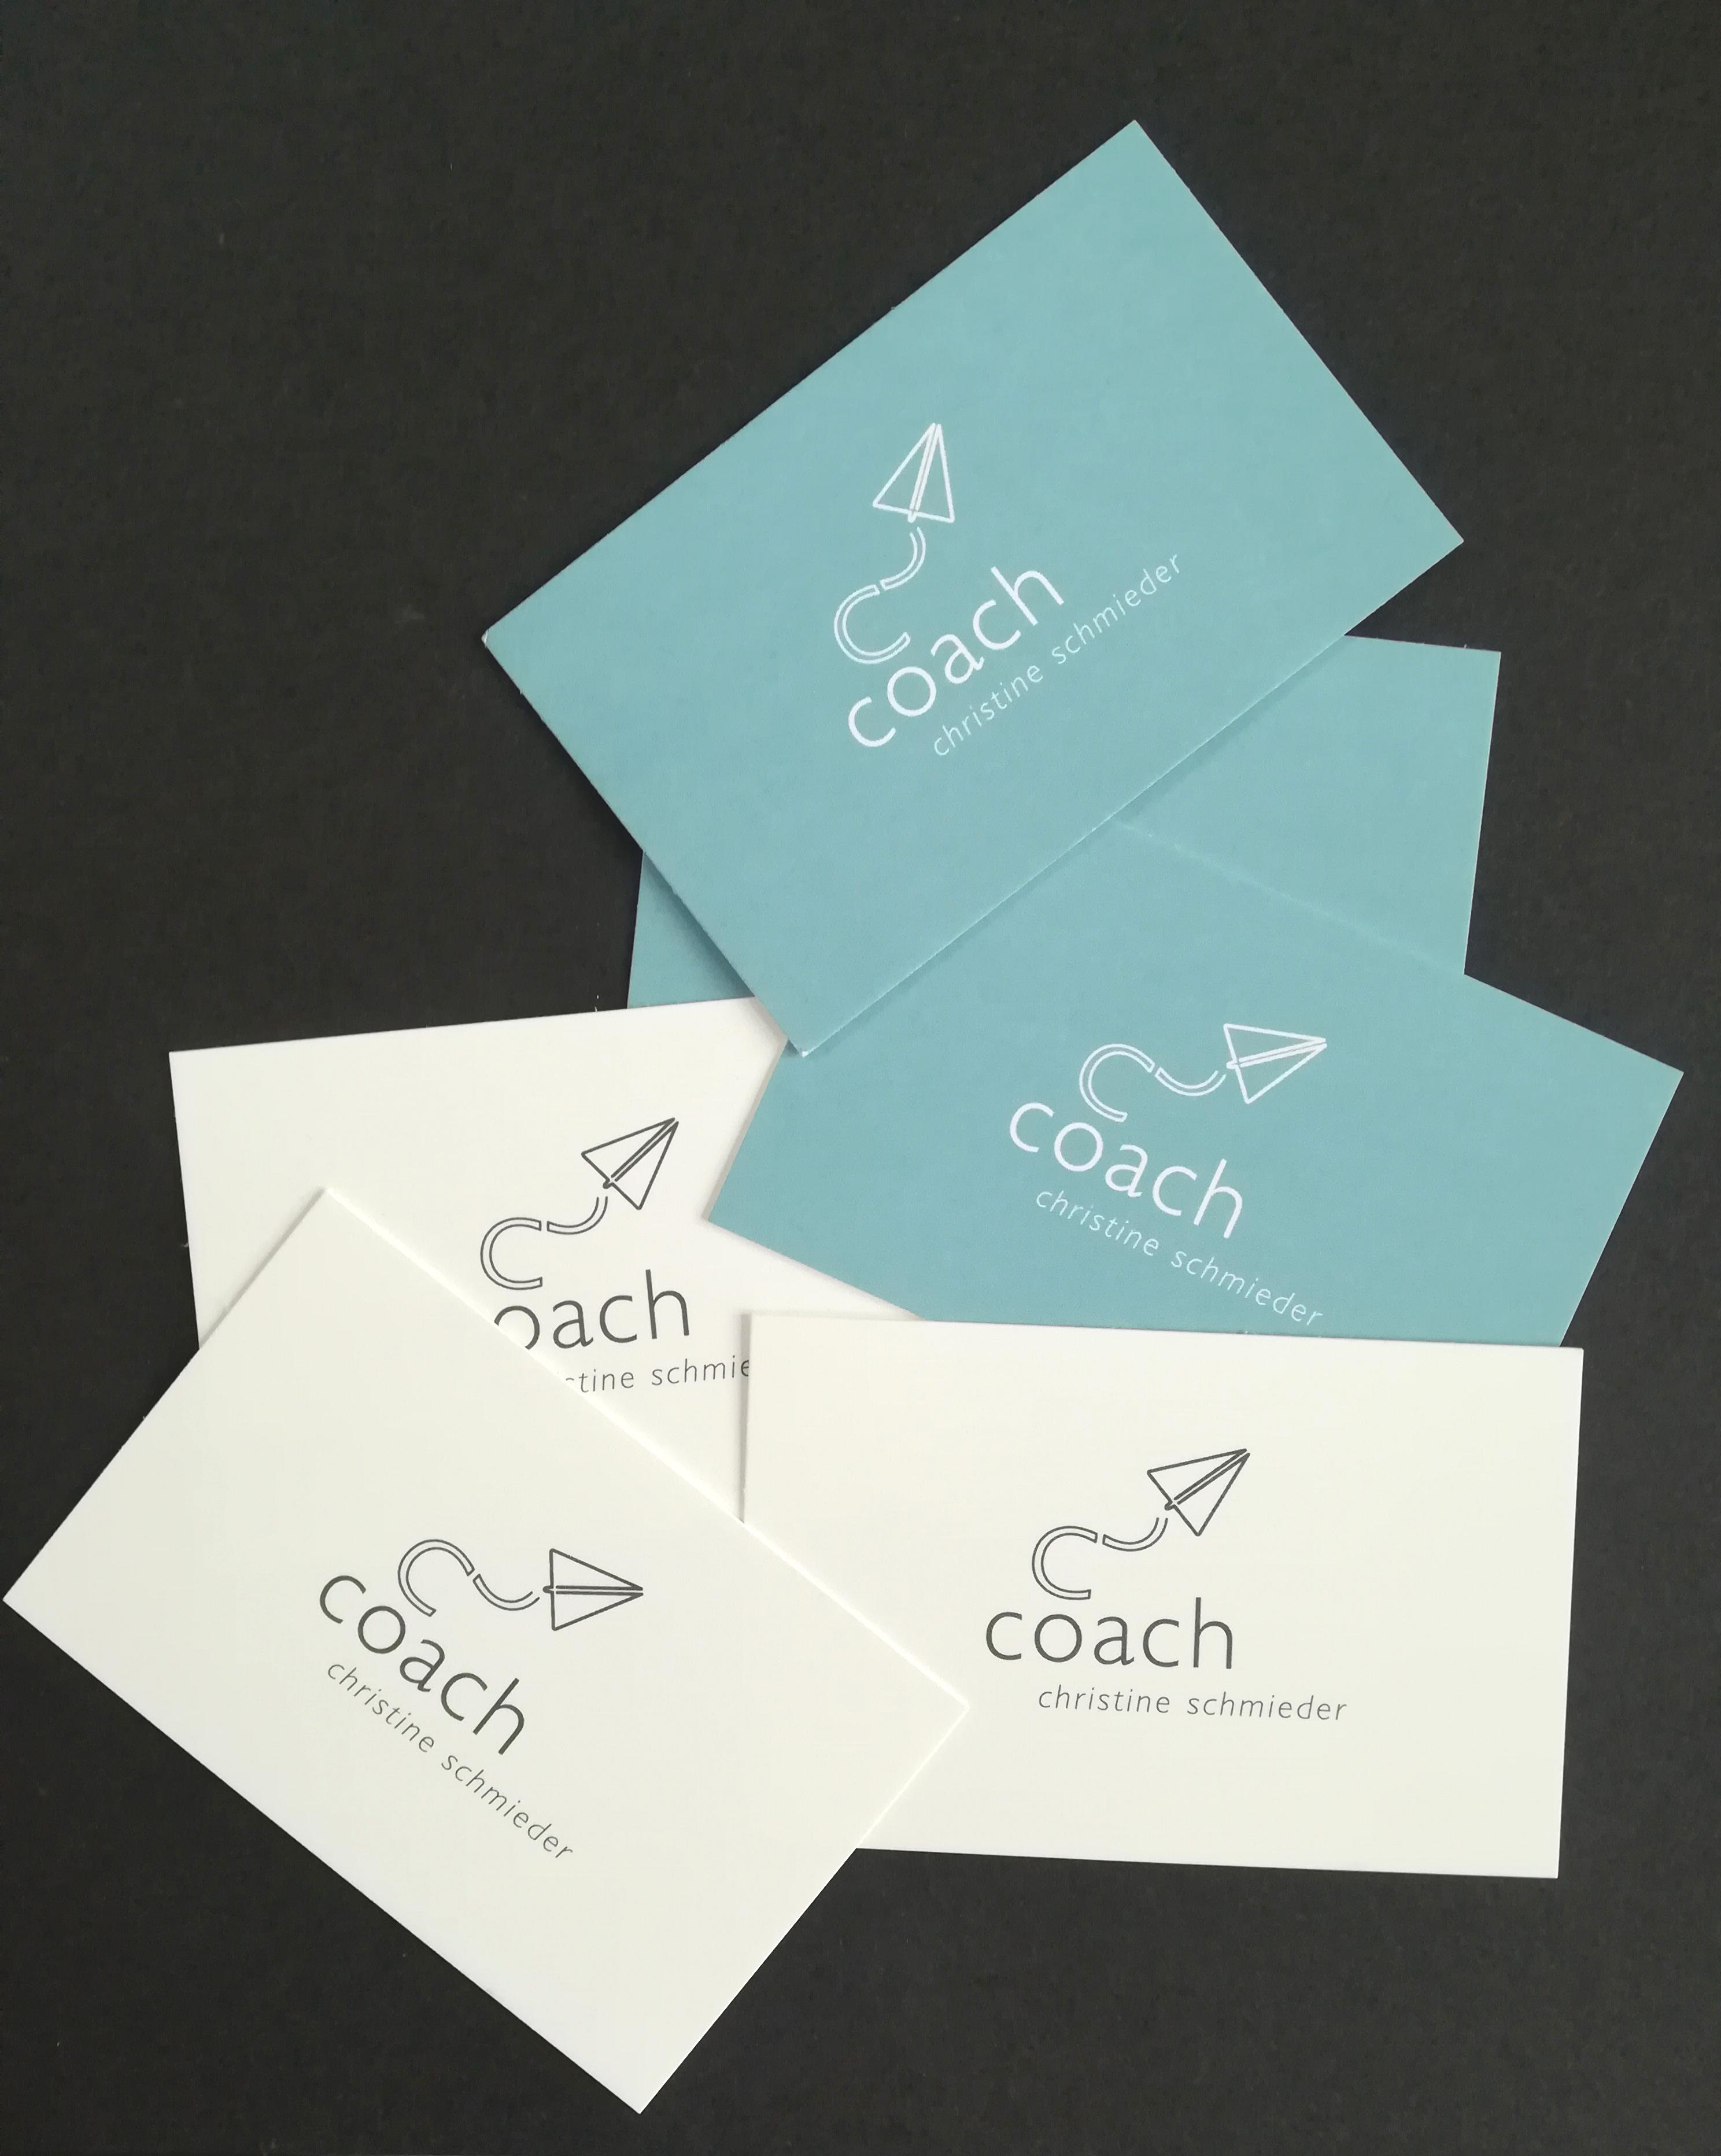 CI Entwicklung für Coaching